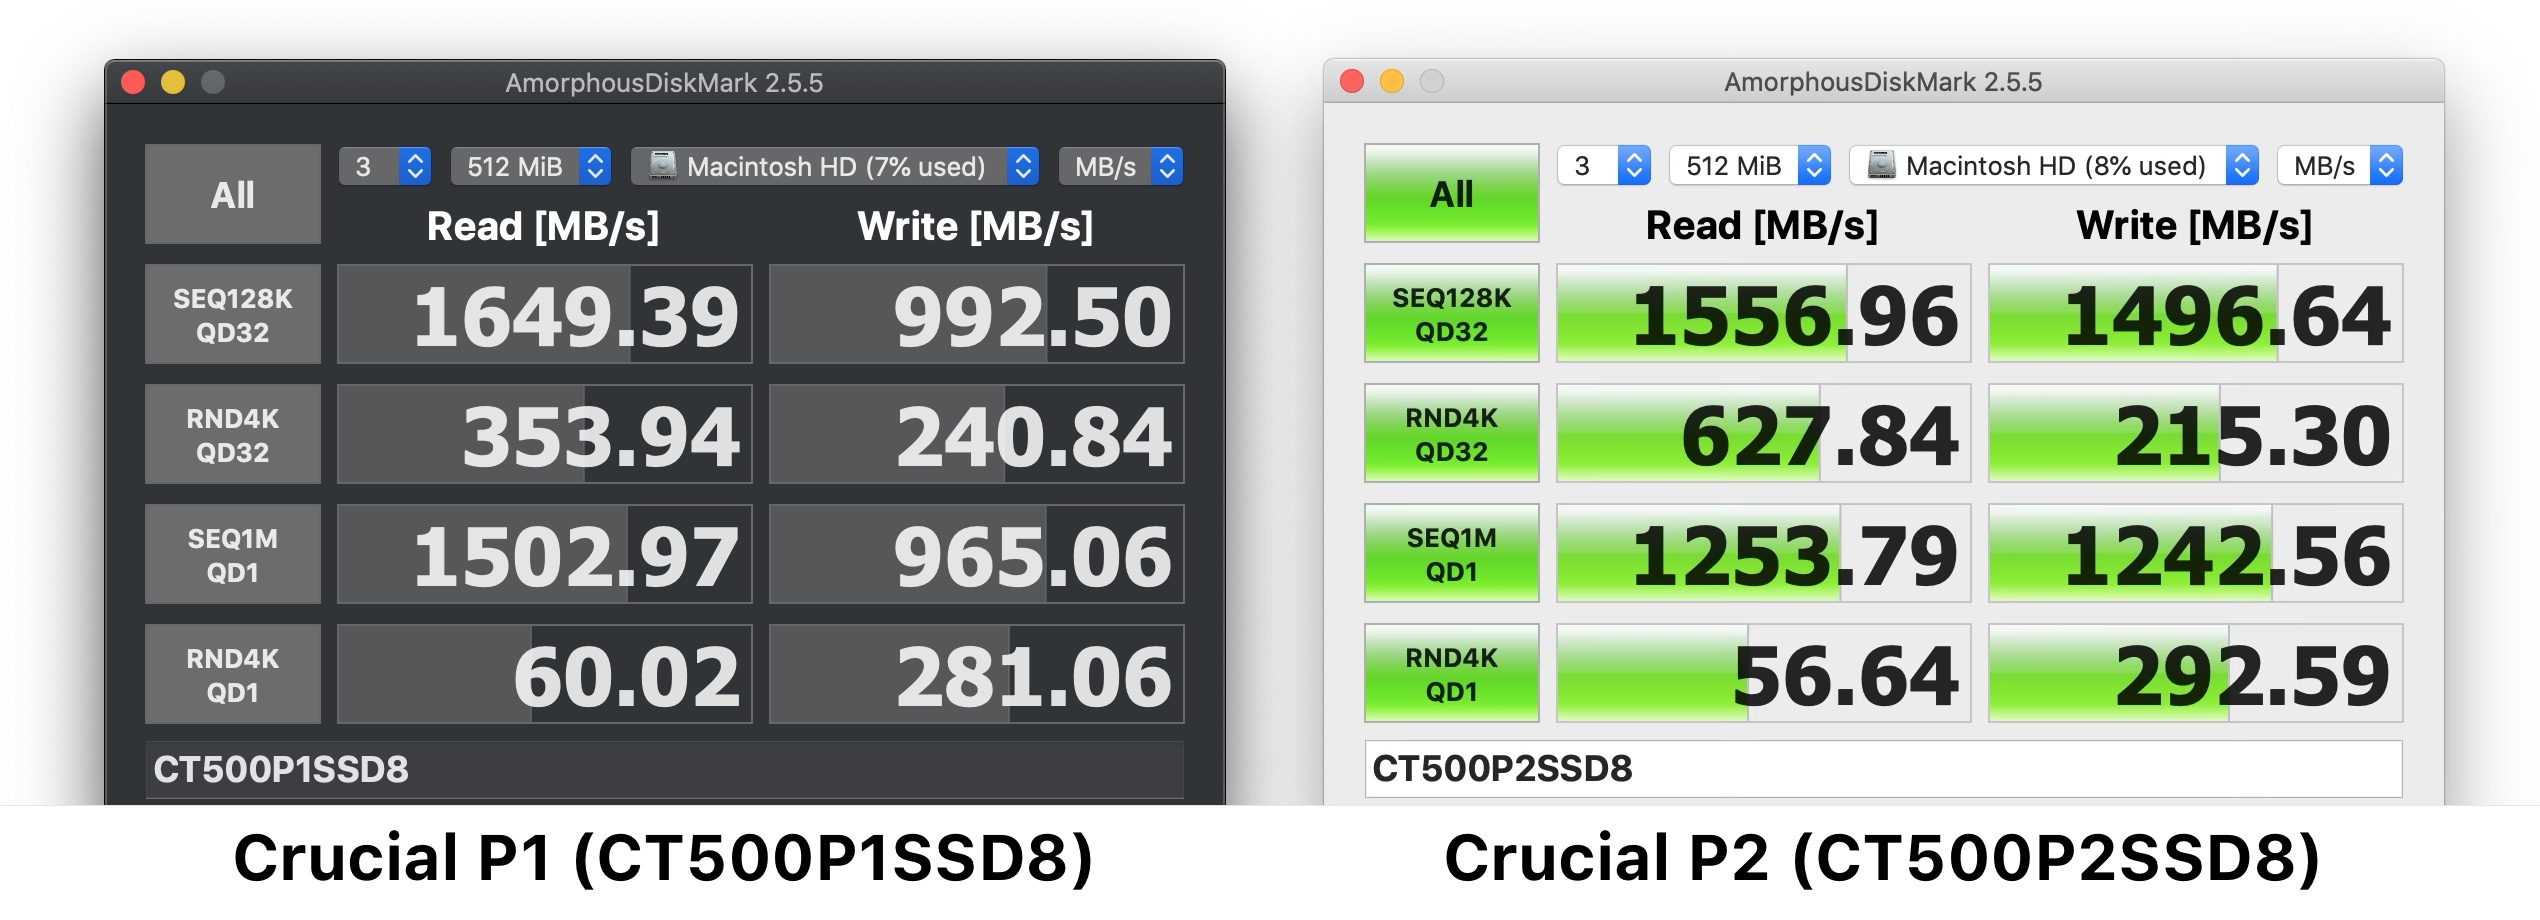 Crucial P1とP2のAmorphousDiskMarkを利用してRead/WriteのベンチマークAmorphousDiskMarkベンチマーク